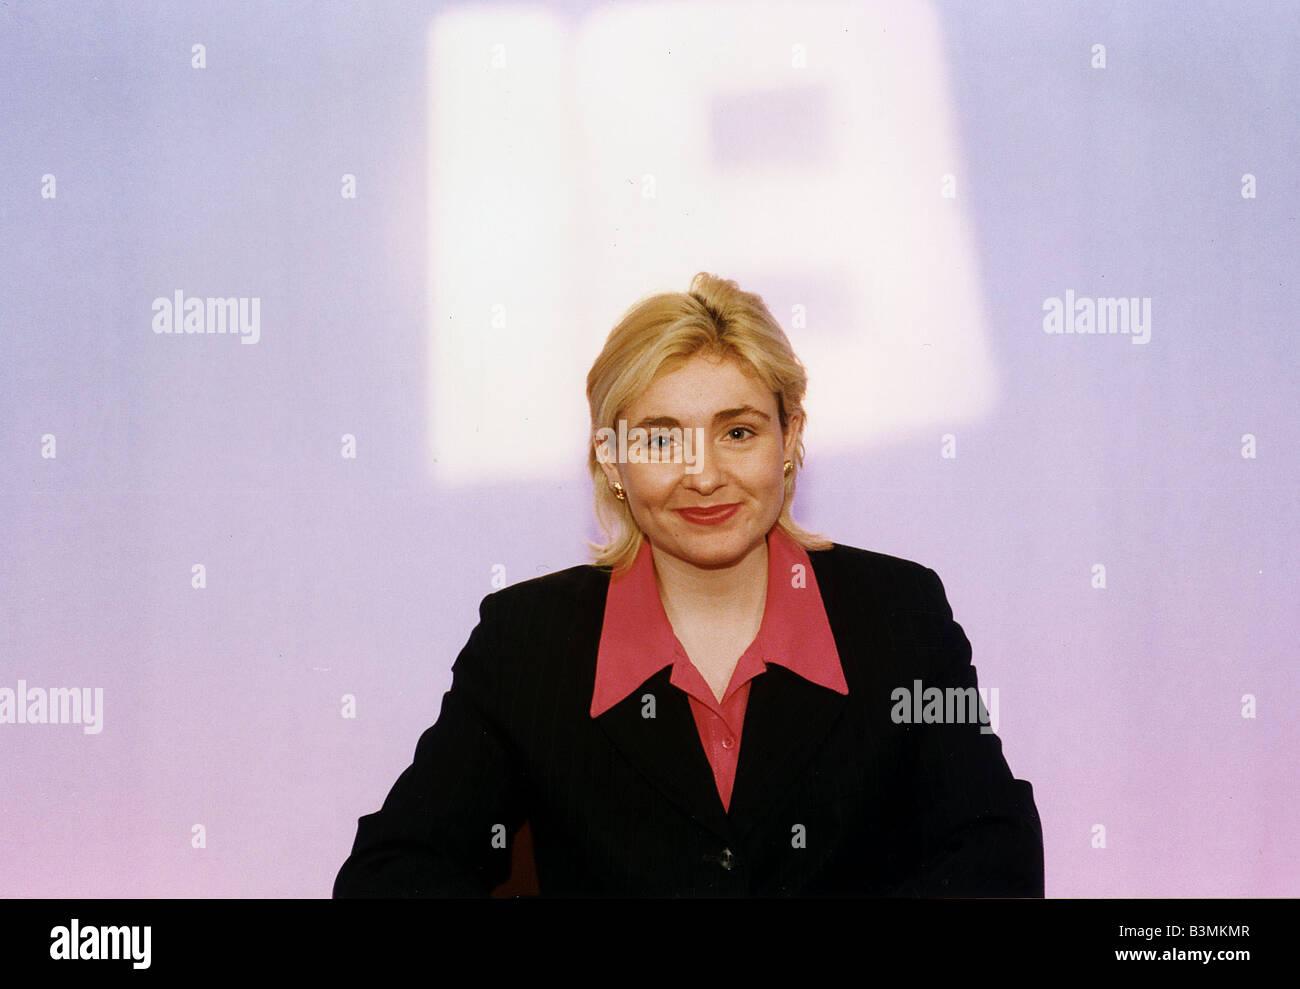 Gina Davidson news TV presenter on Edinburgh Live TV Stock